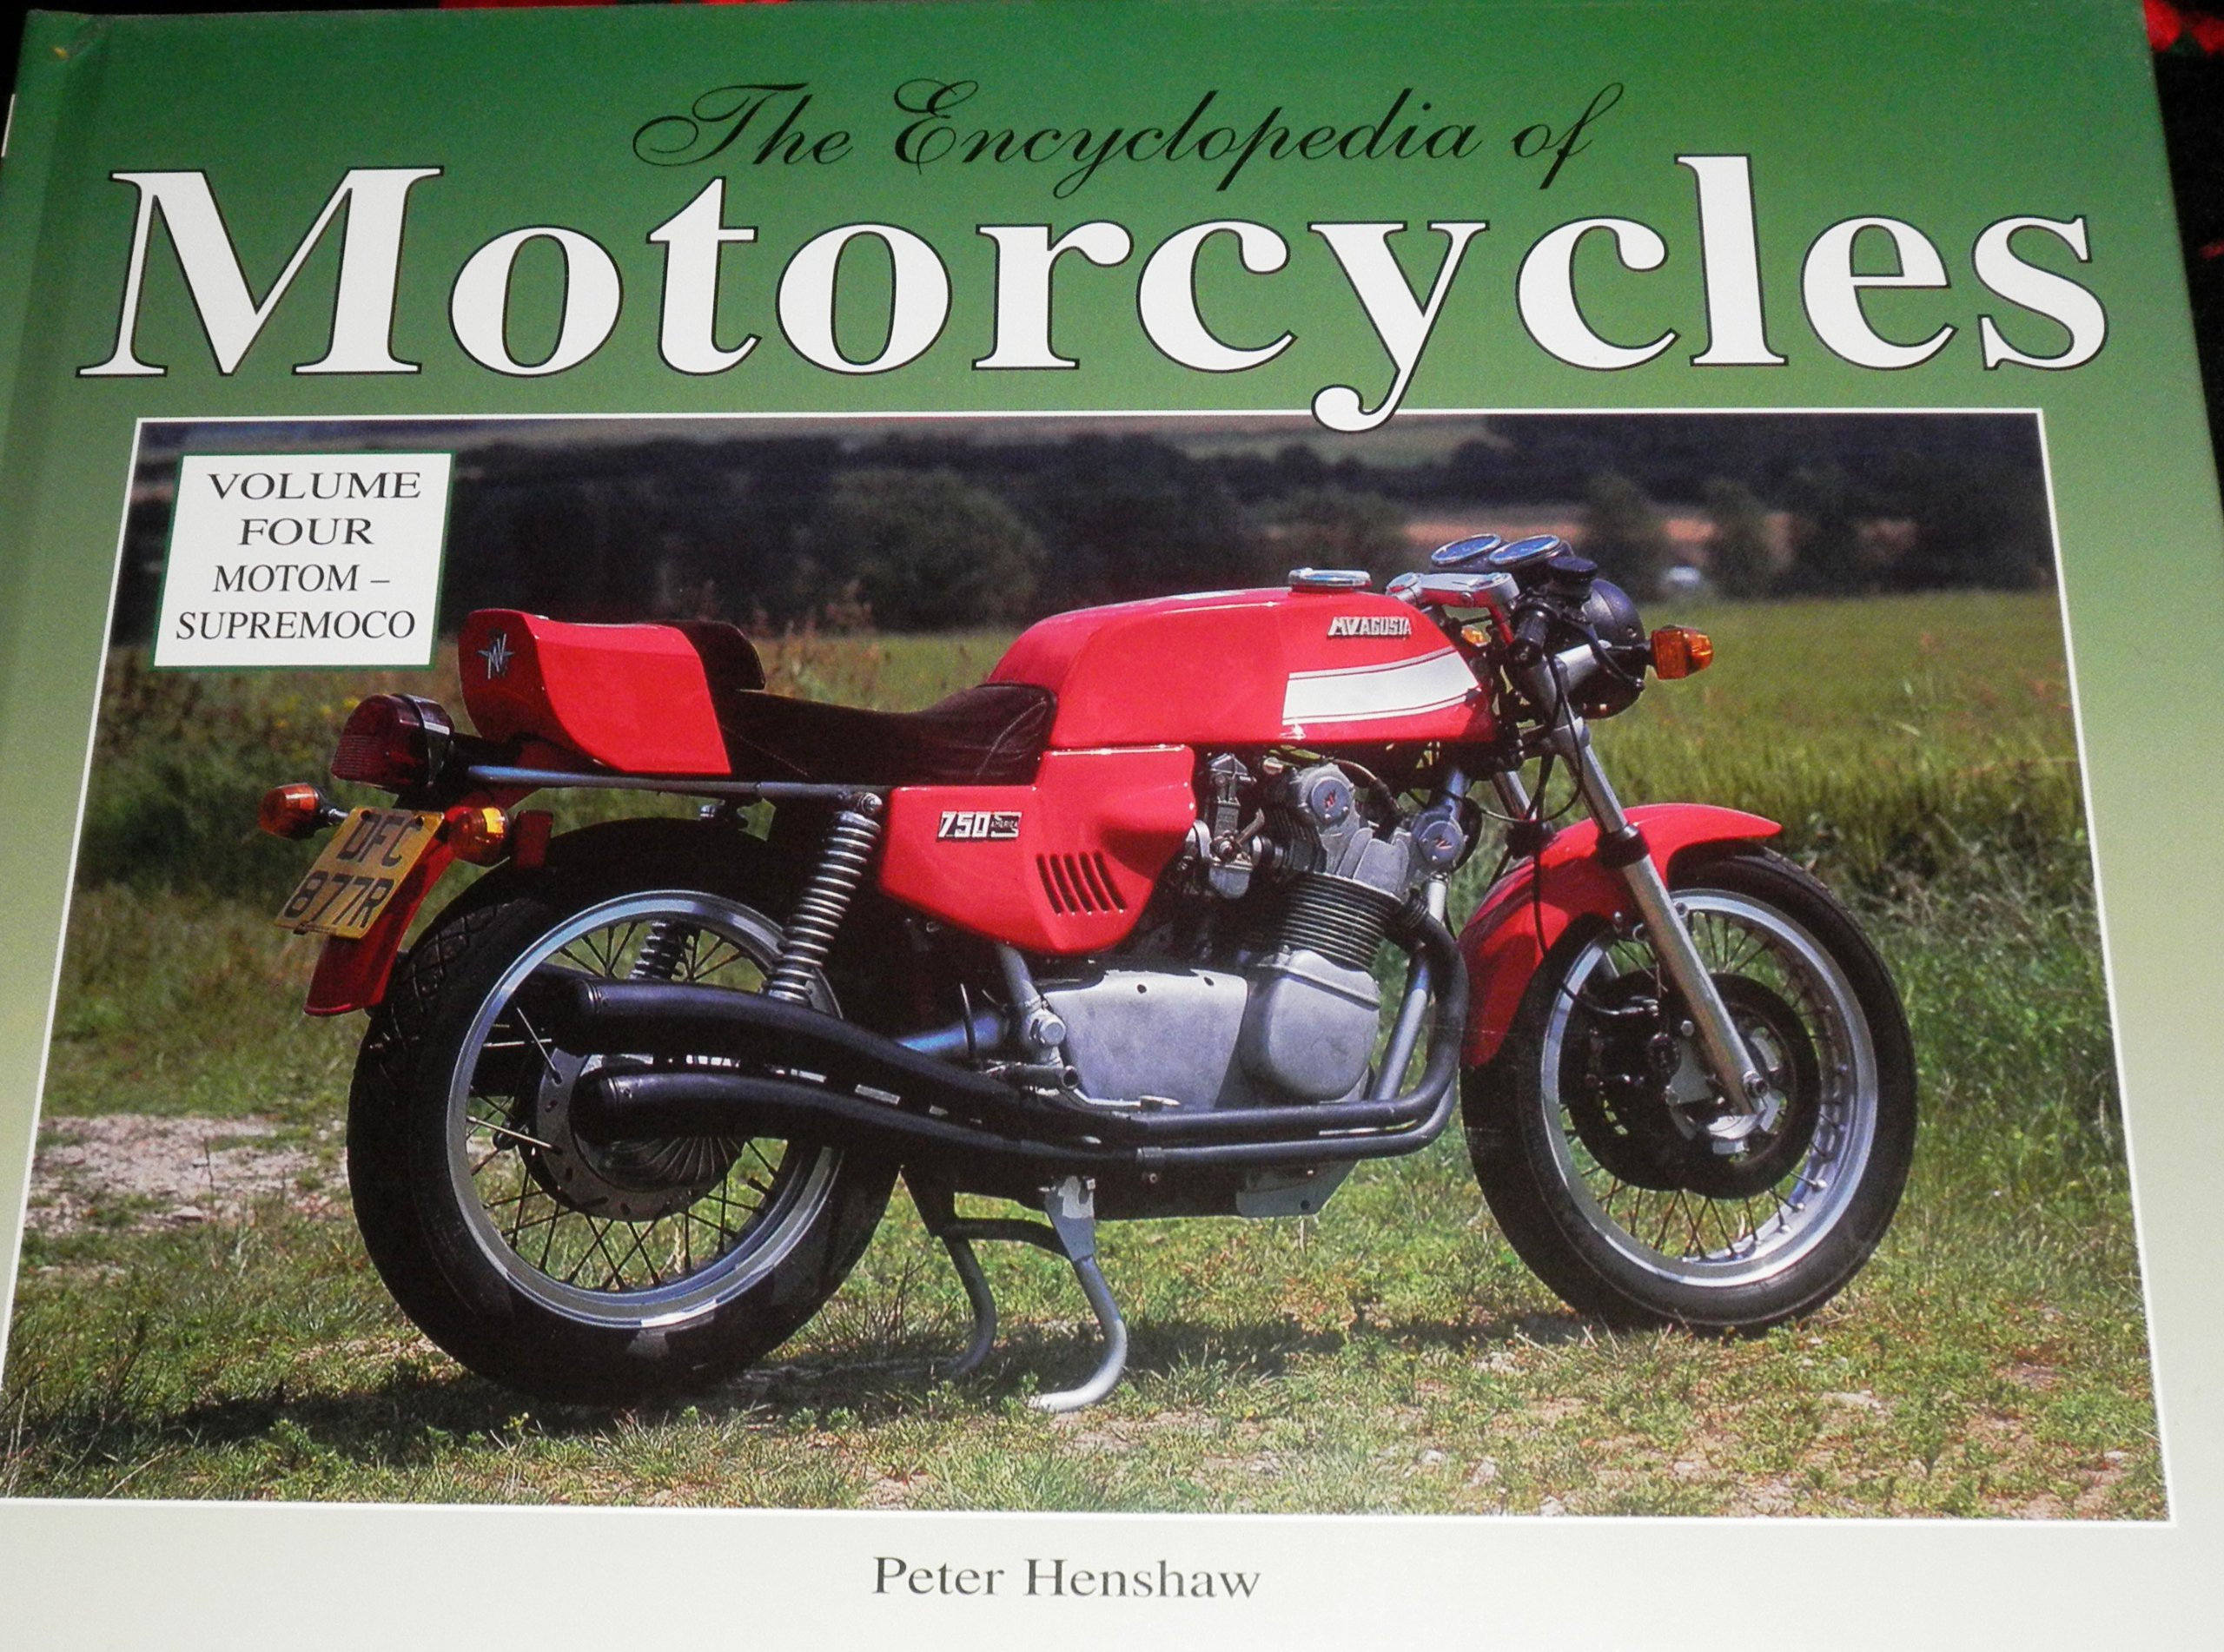 The Encyclopedia of Motorcycles, Vol. 4: Motom - Supremoco